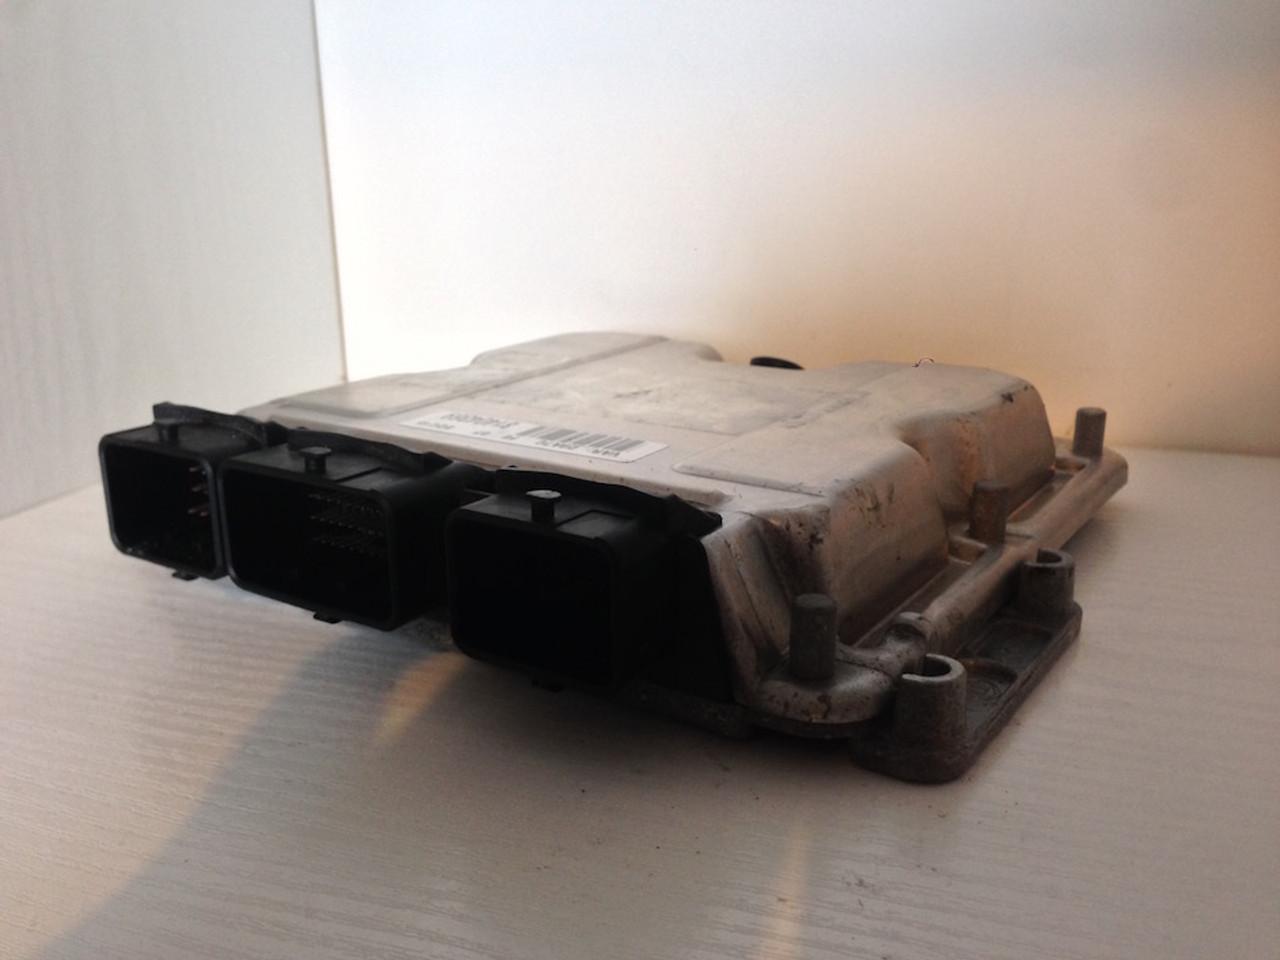 Plug & Play Bosch Engine ECU, HDI,   0281011394 0 281 011 394 9652184480 96 521 844 80 EDC15C2 07